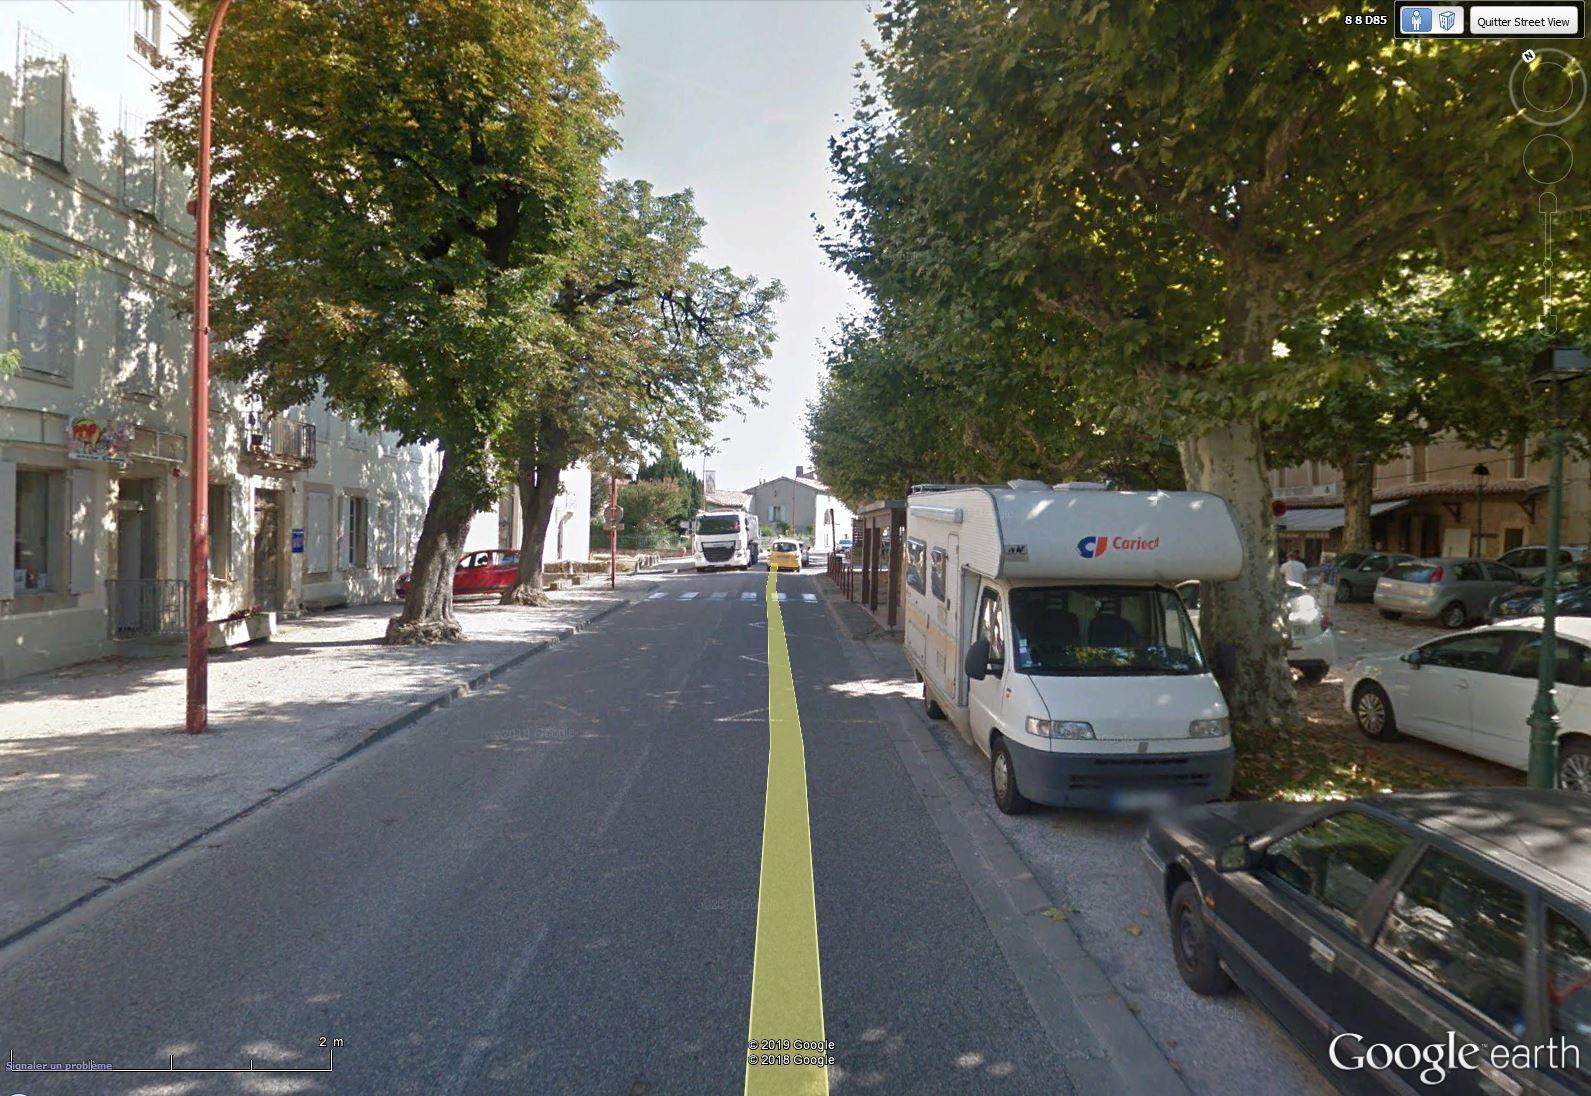 [résolu] Enlever cette fichue ligne jaune en street view - Page 2 Essai_12